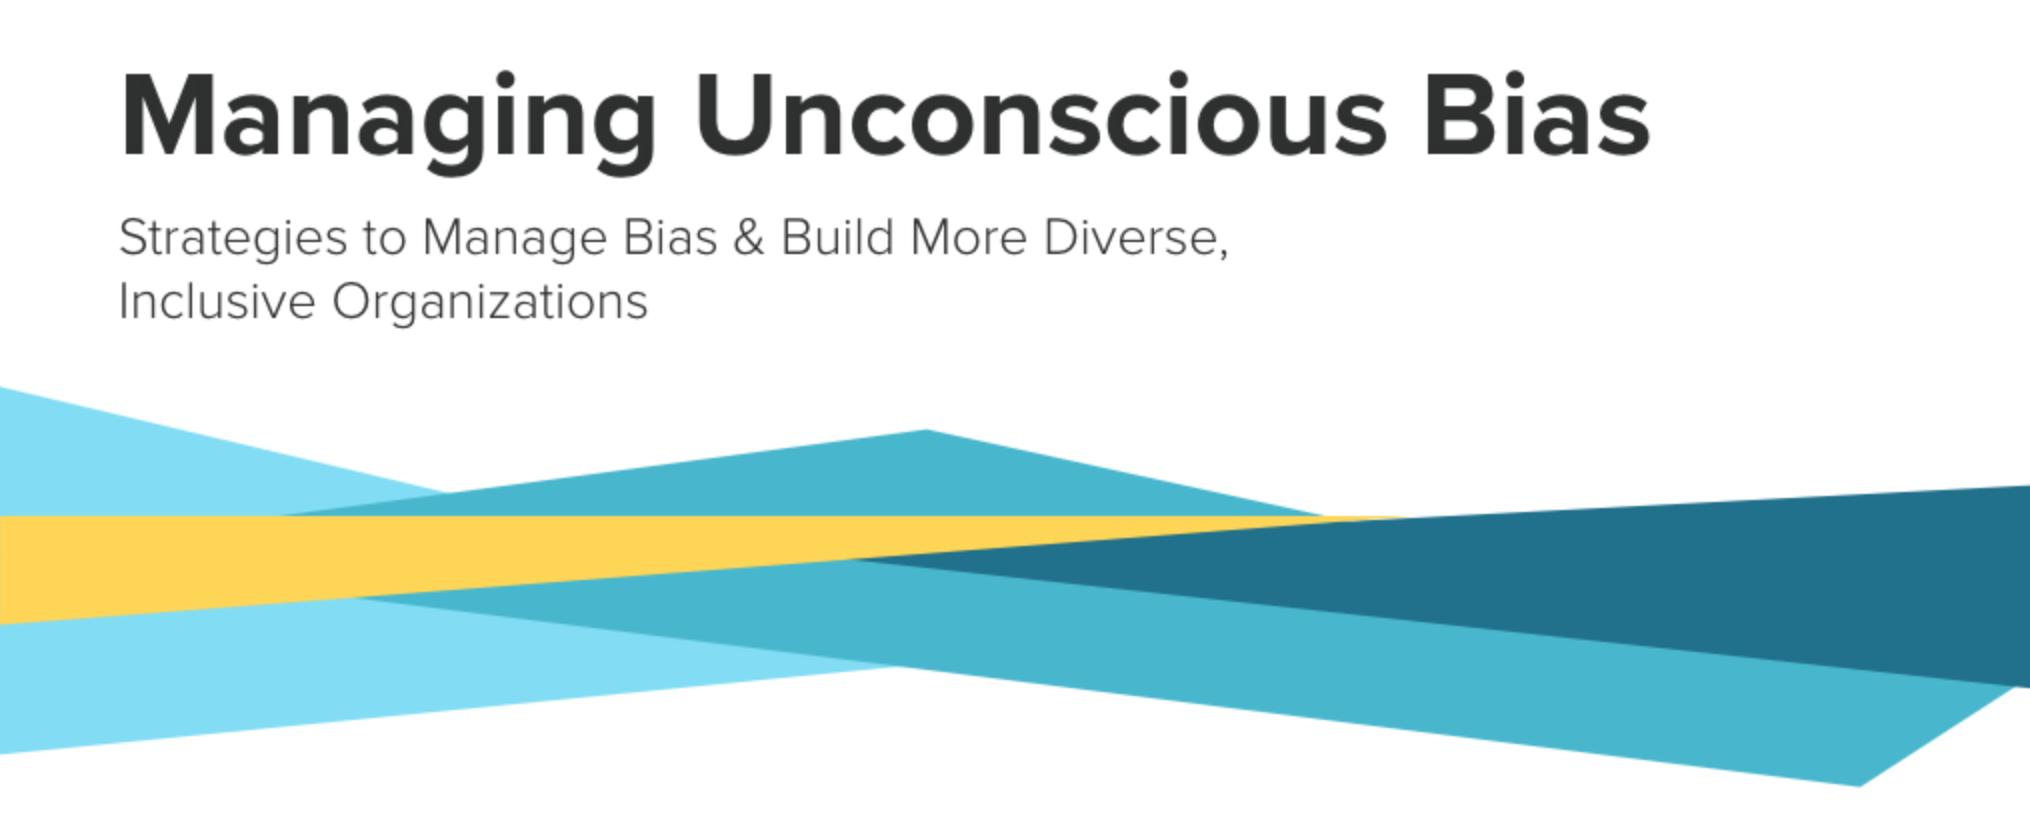 Managing Unconscious Bias